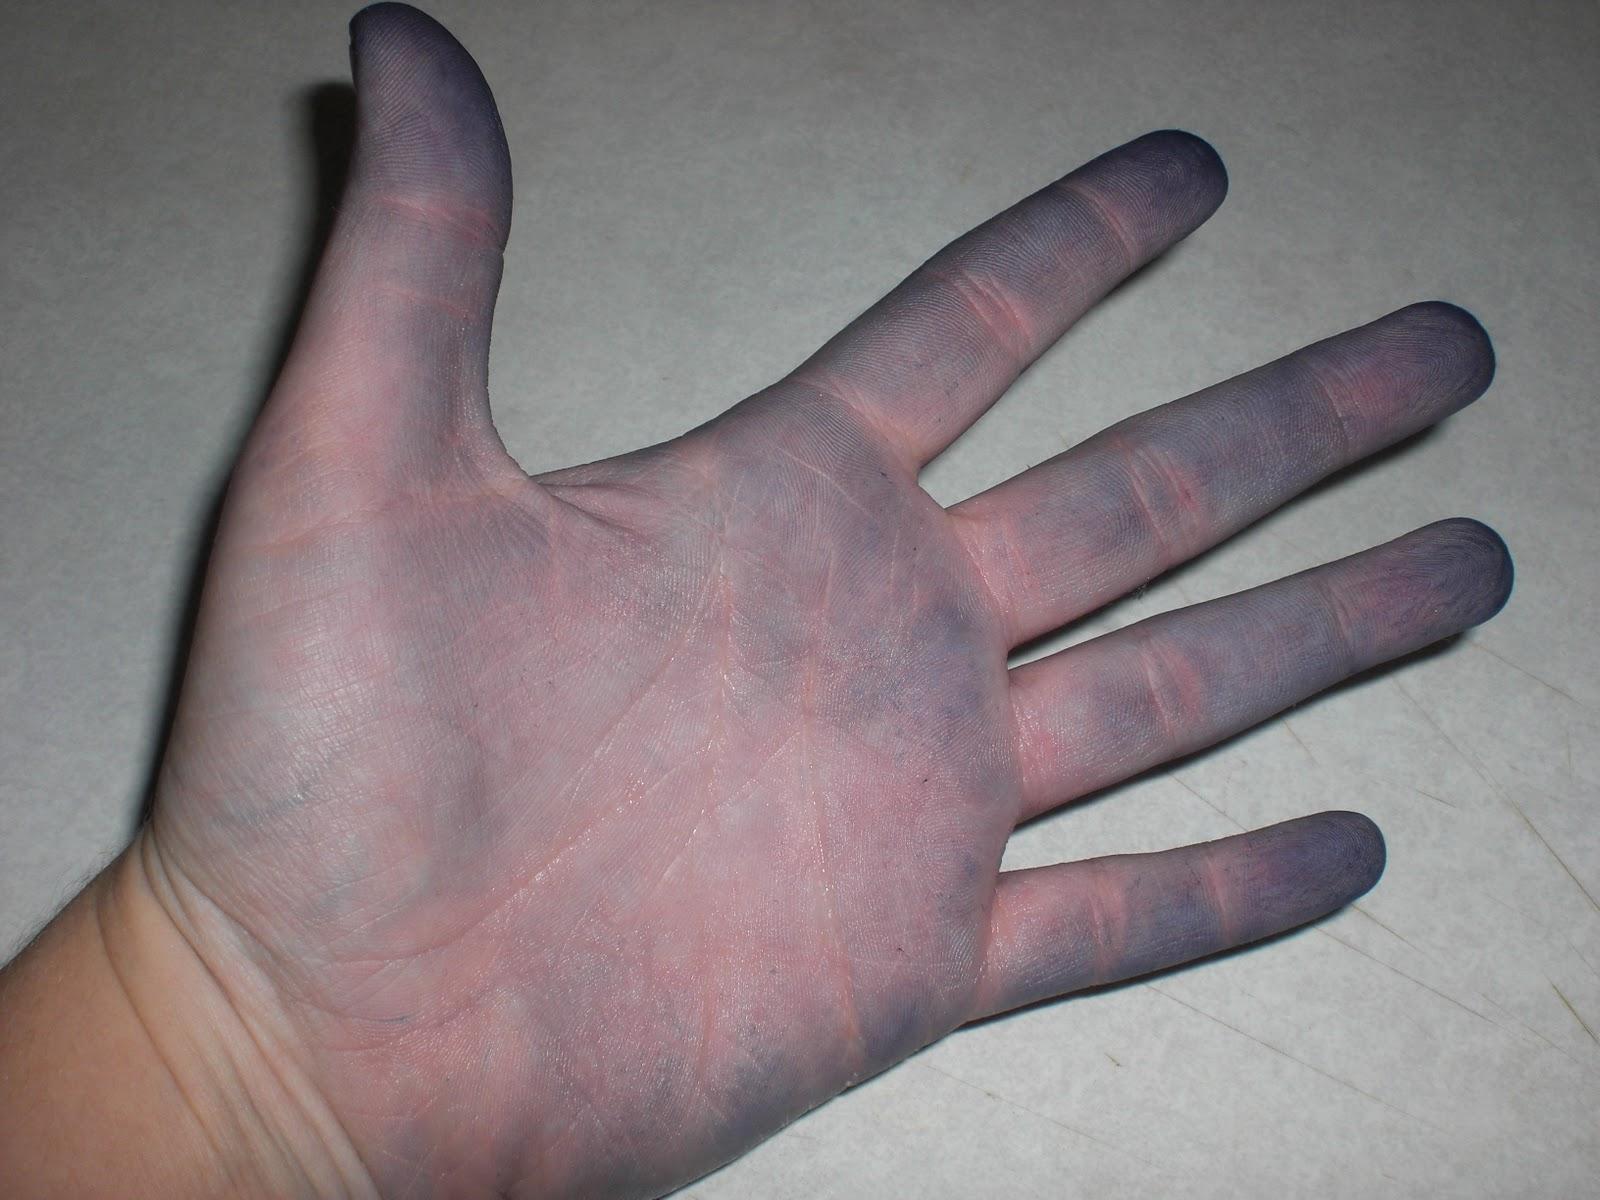 Scripps Health - Skin discoloration - bluish